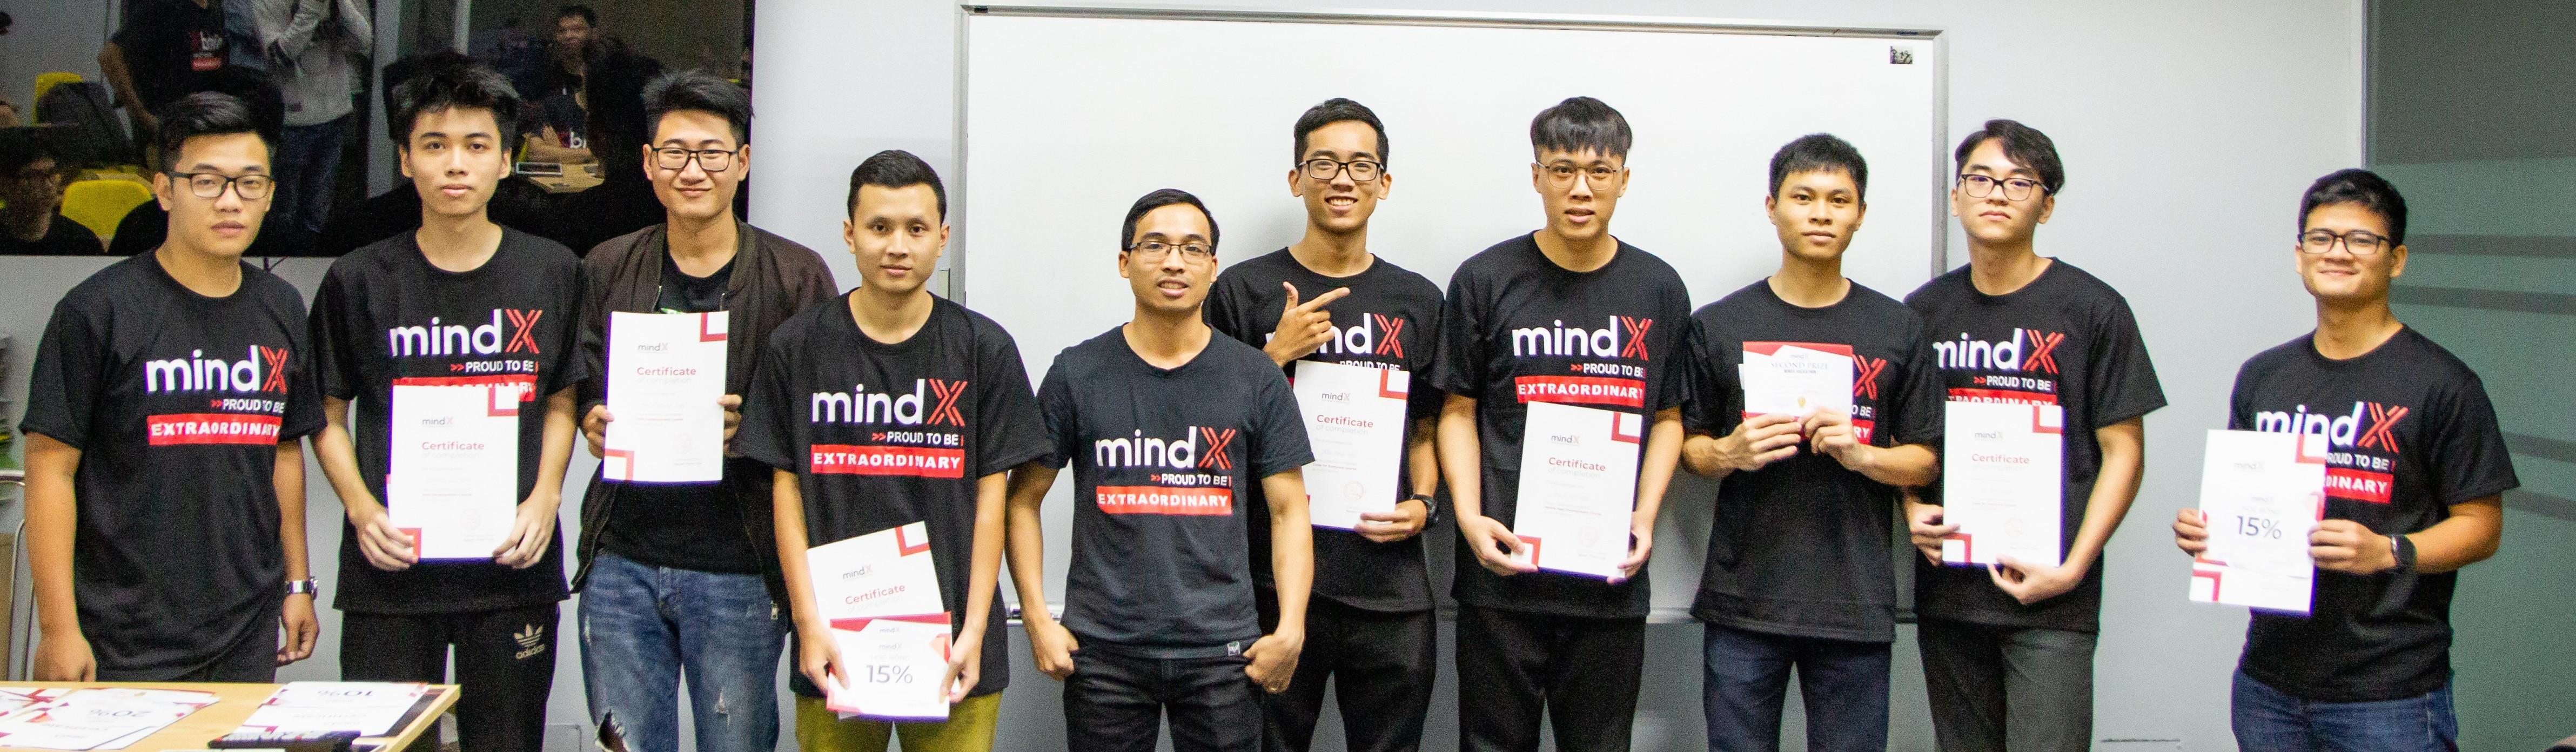 MindX course